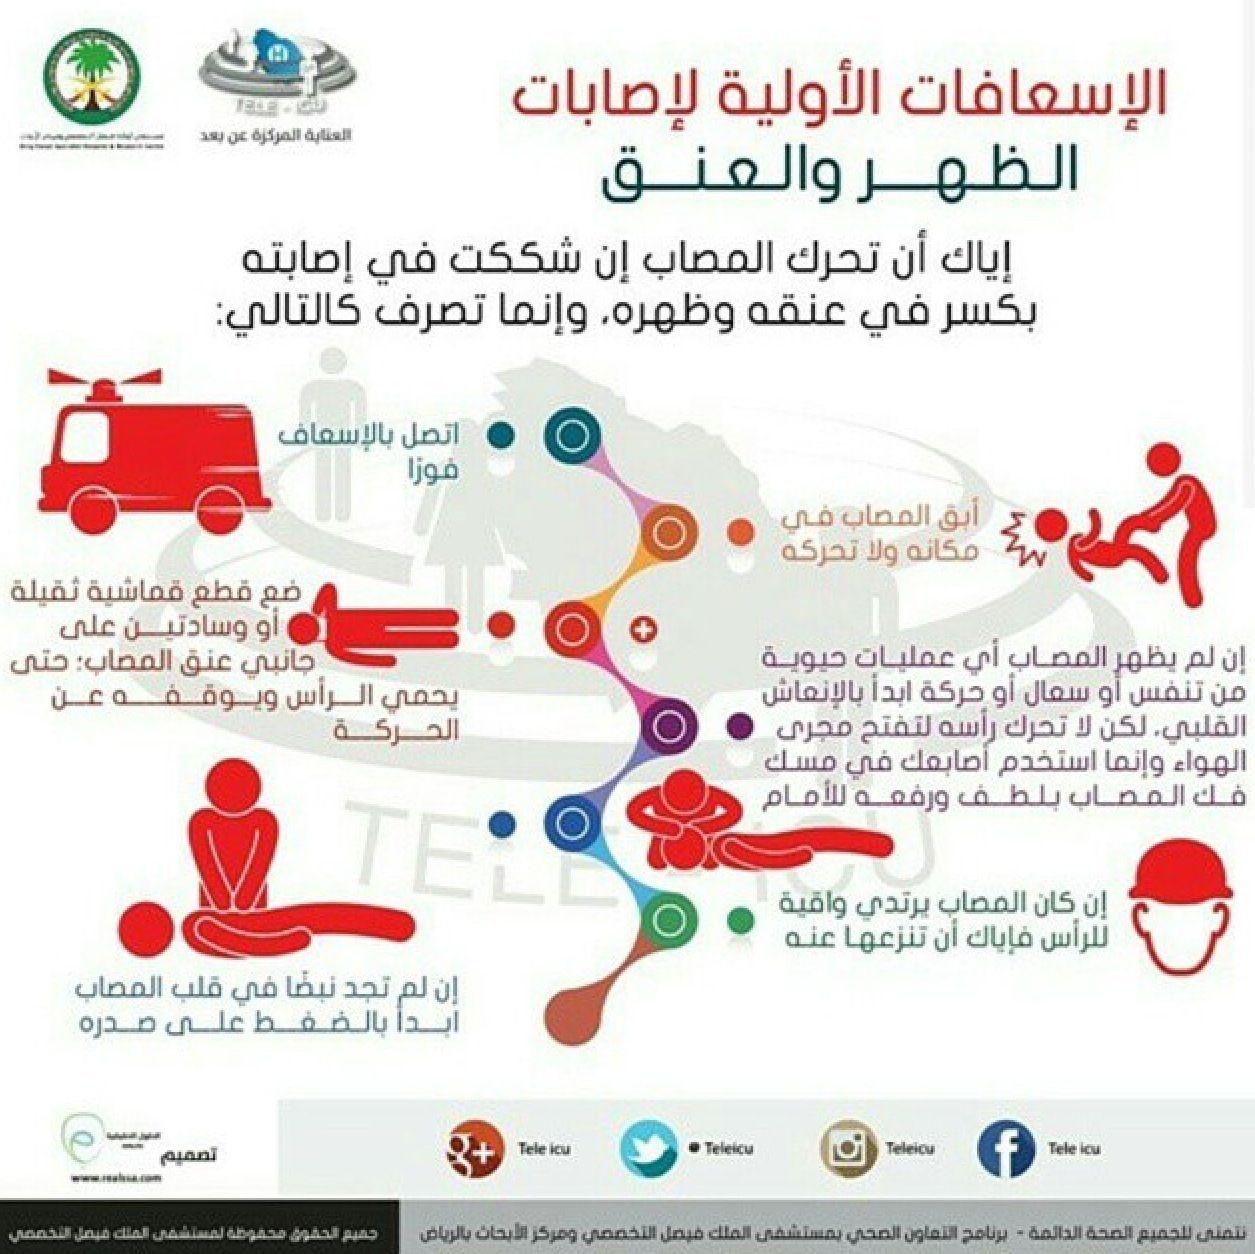 معلومة صحة وتغذية صحة وجمال الصحة والغذاء Health Education Health Instagram